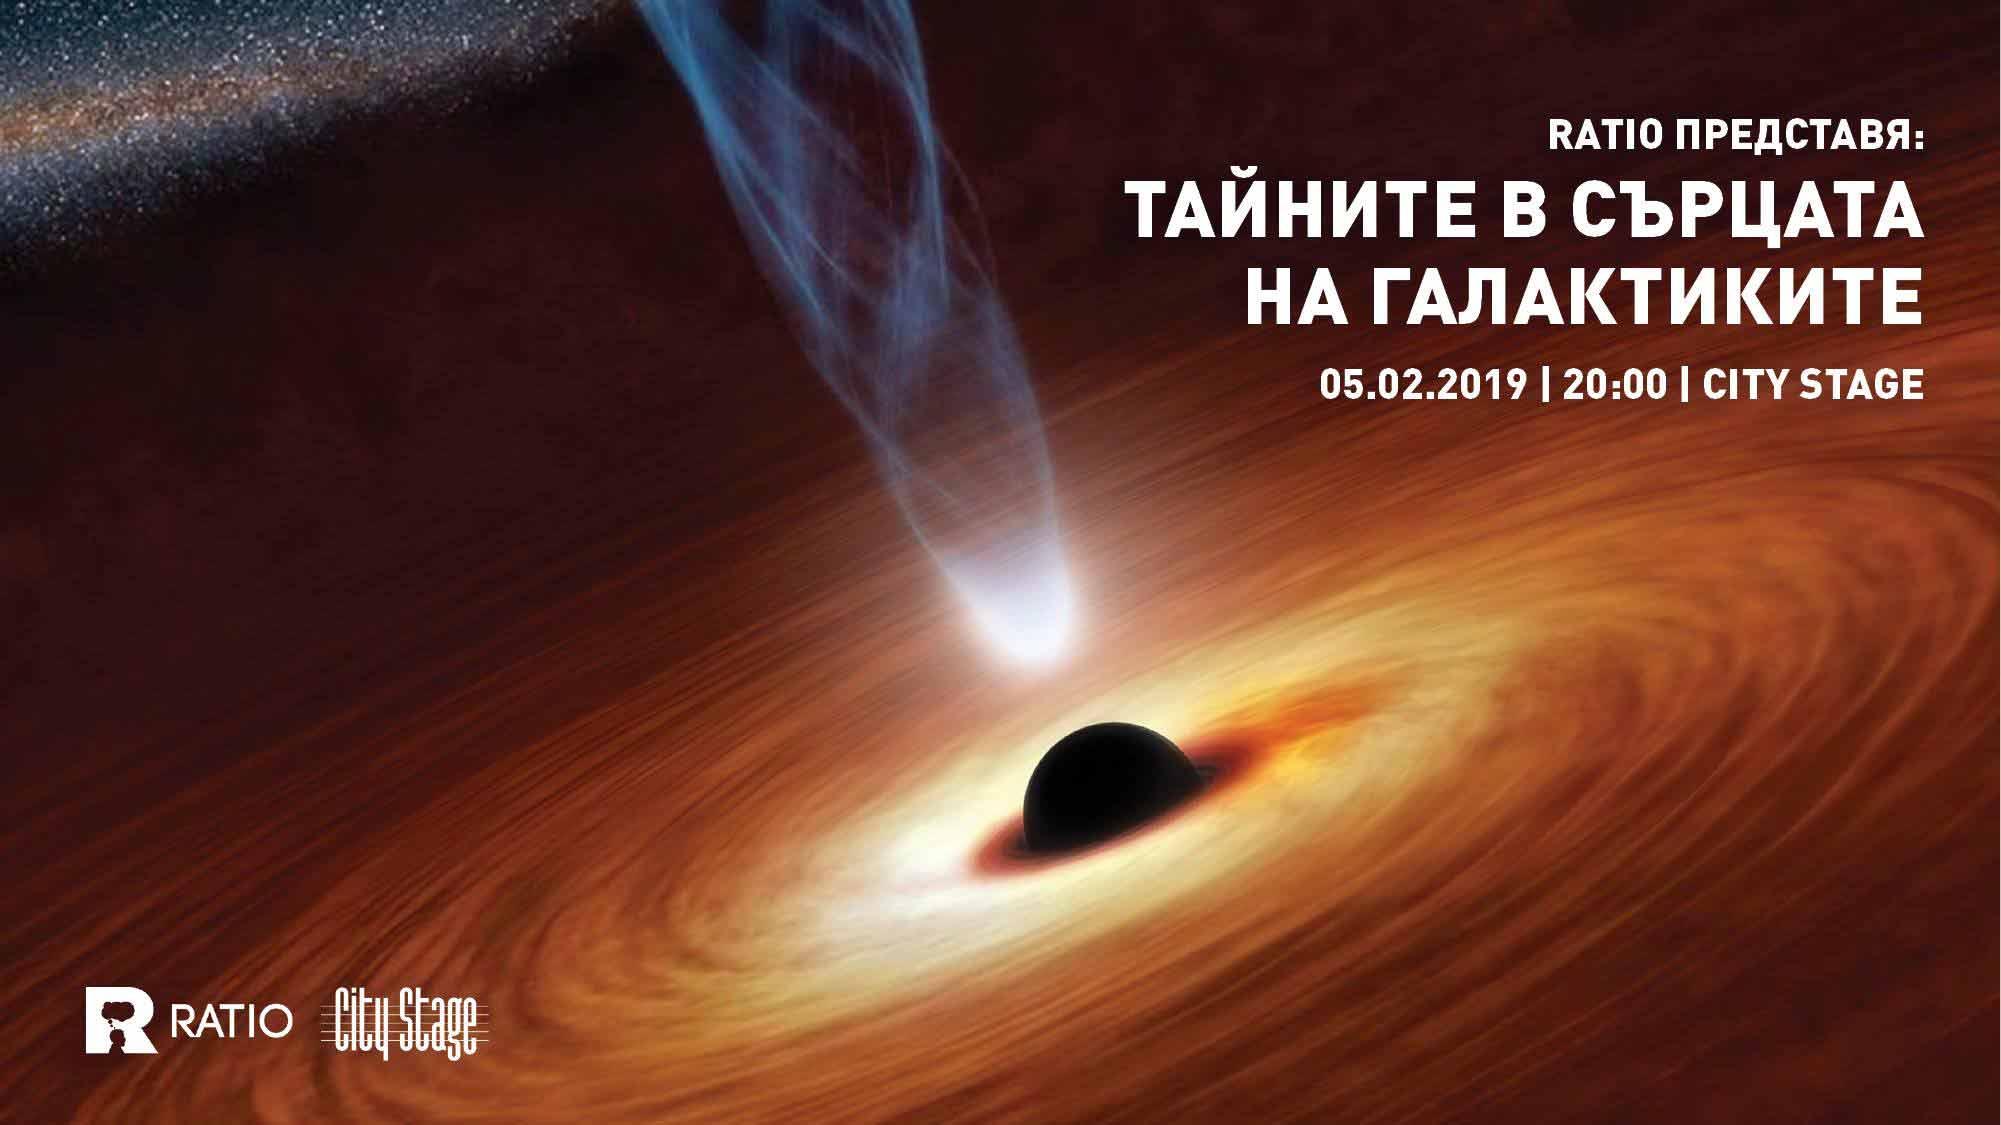 05 февруари 2019 г. 20:00ч. City Stage | Ratio представя: Тайните в сърцата на галактиките